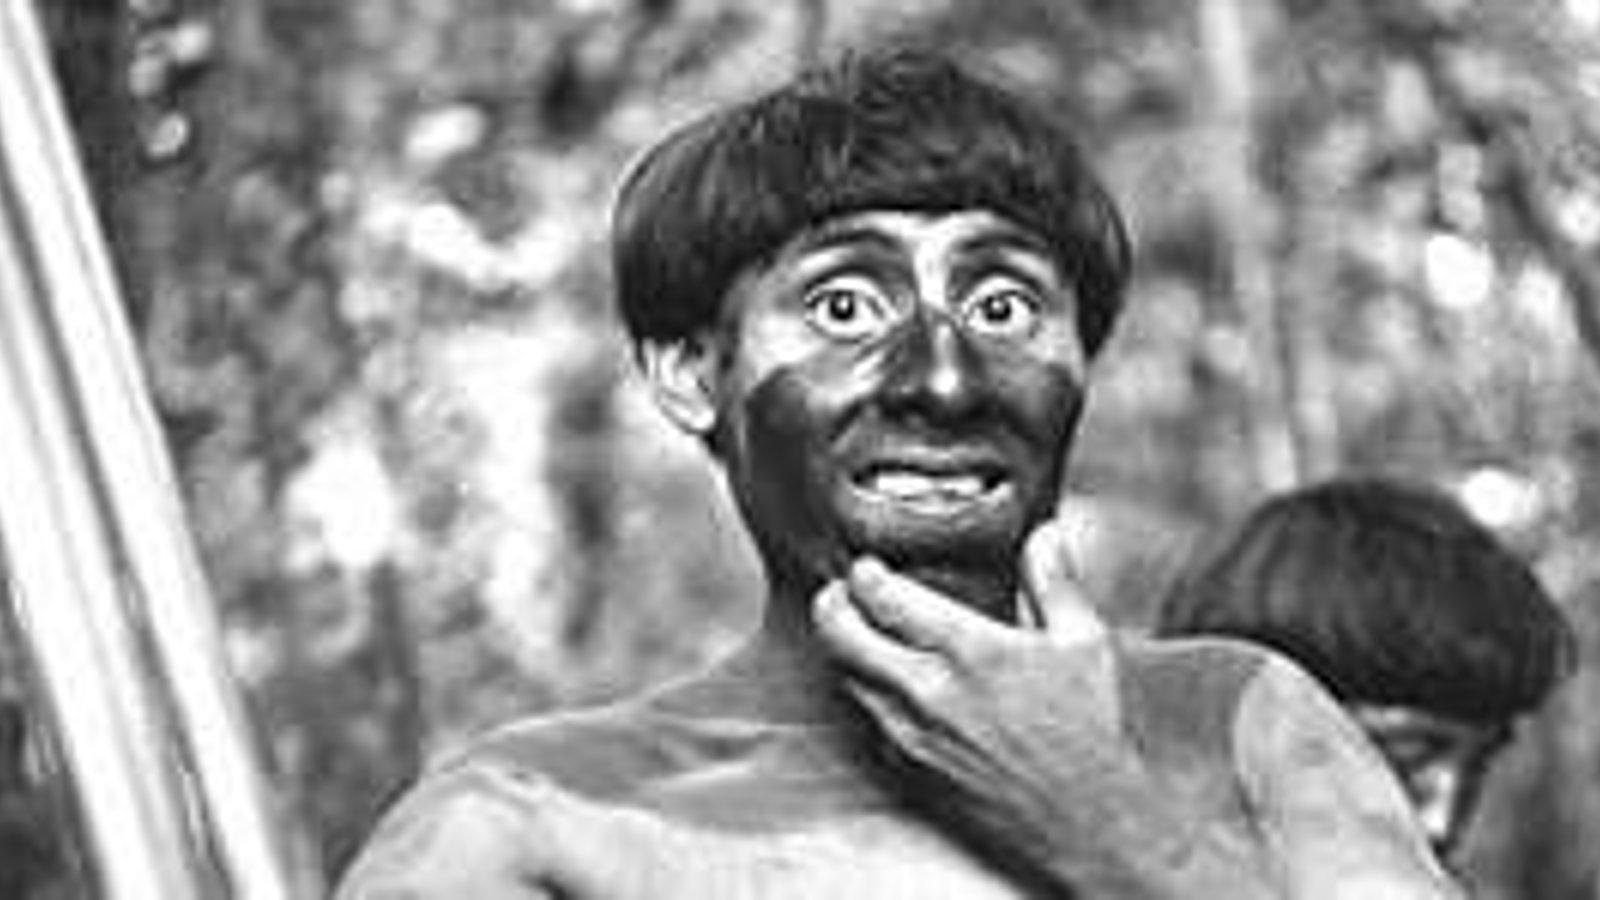 Yanomamo: A Multidisciplinary Study